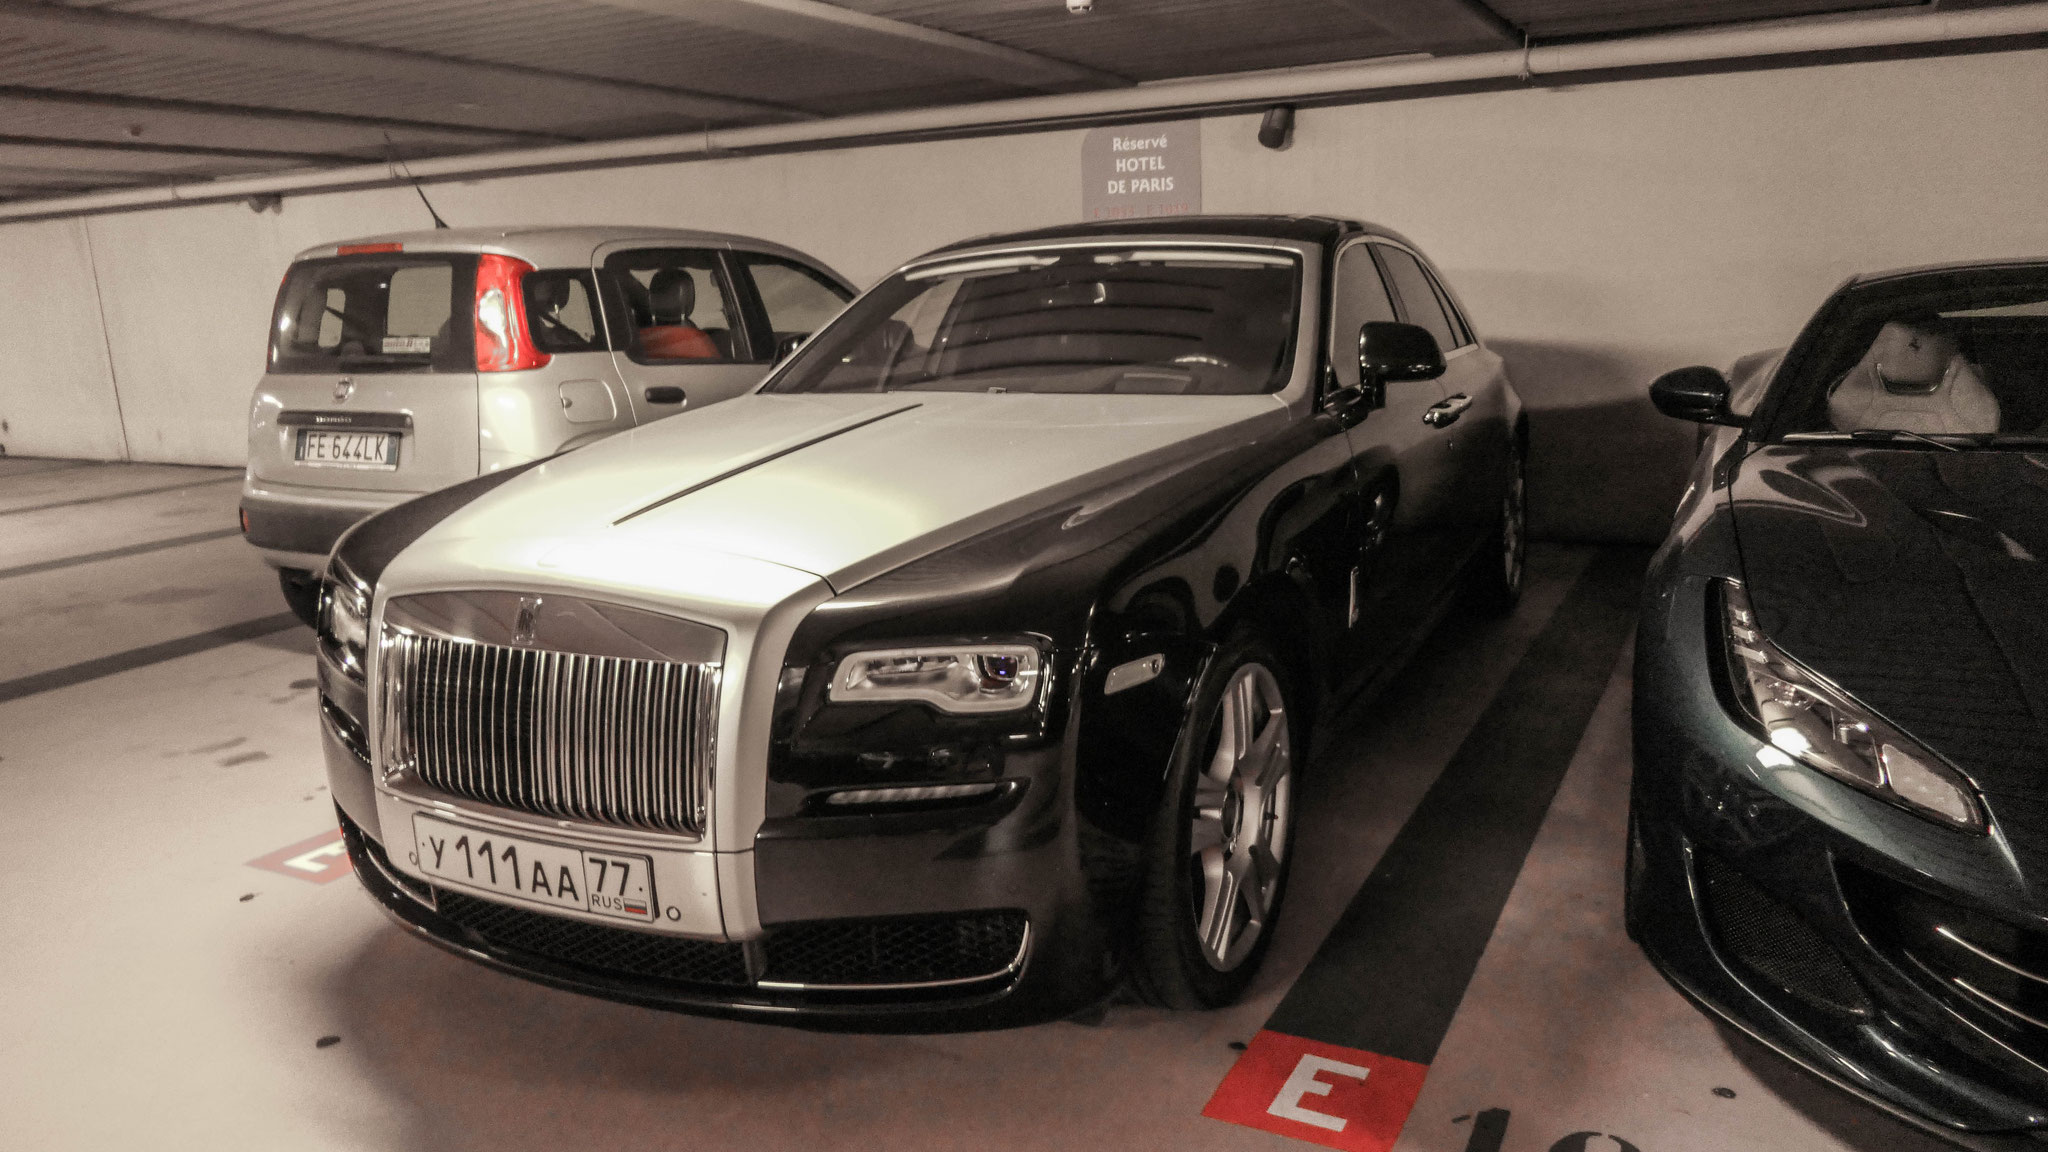 Rolls Royce Ghost Series II - Y-111-AA-77 (RUS)